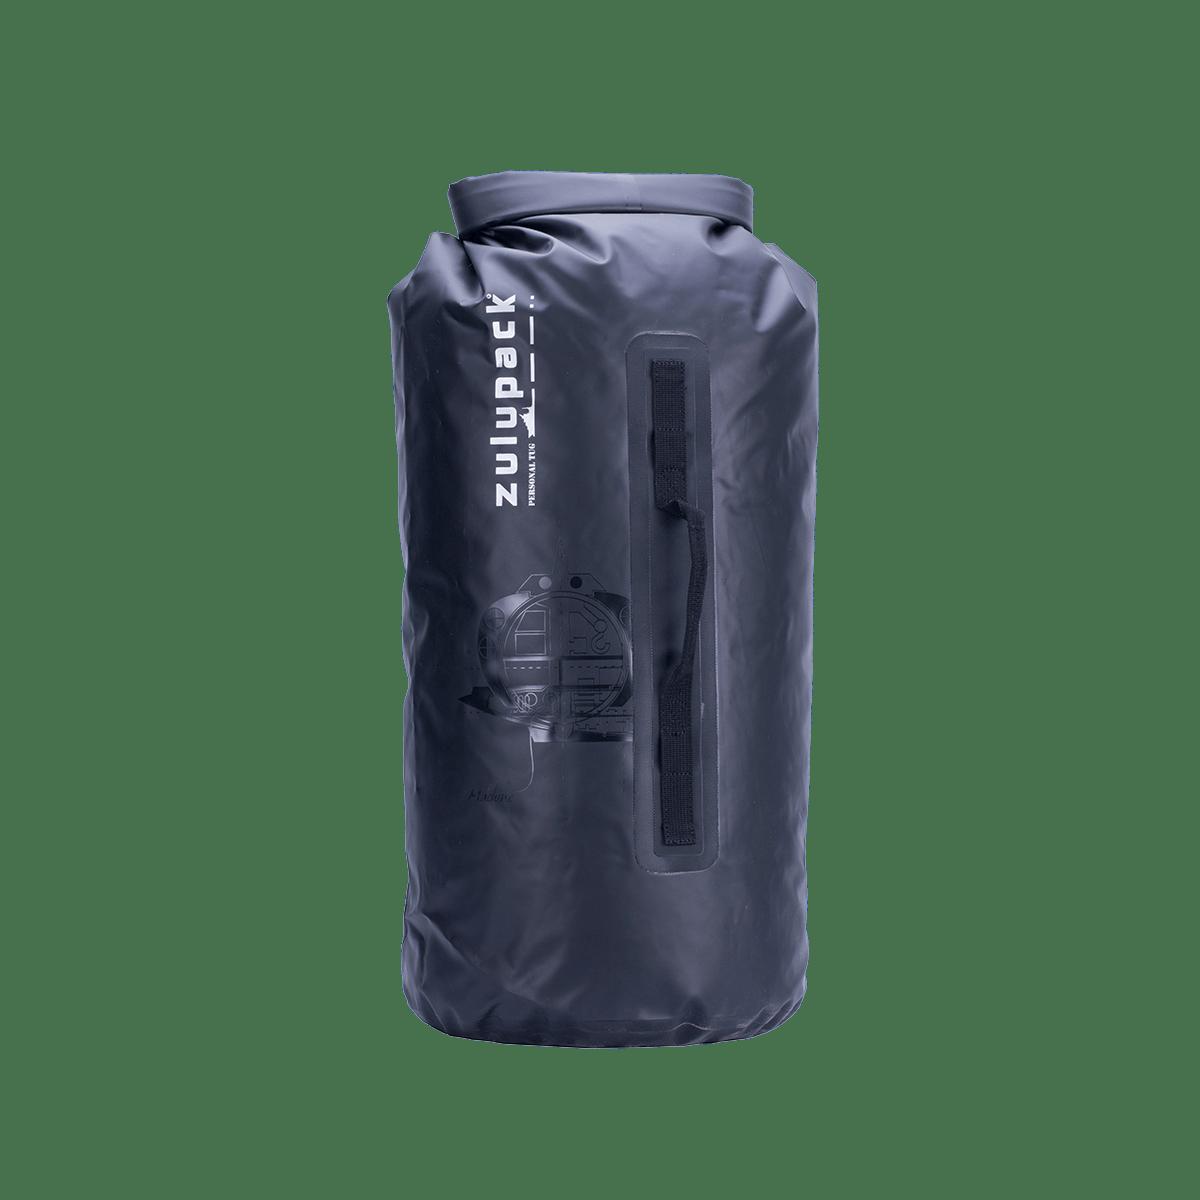 ZULUPACK – WA-16938-7 – TUBE 45 -1- black (détouré)